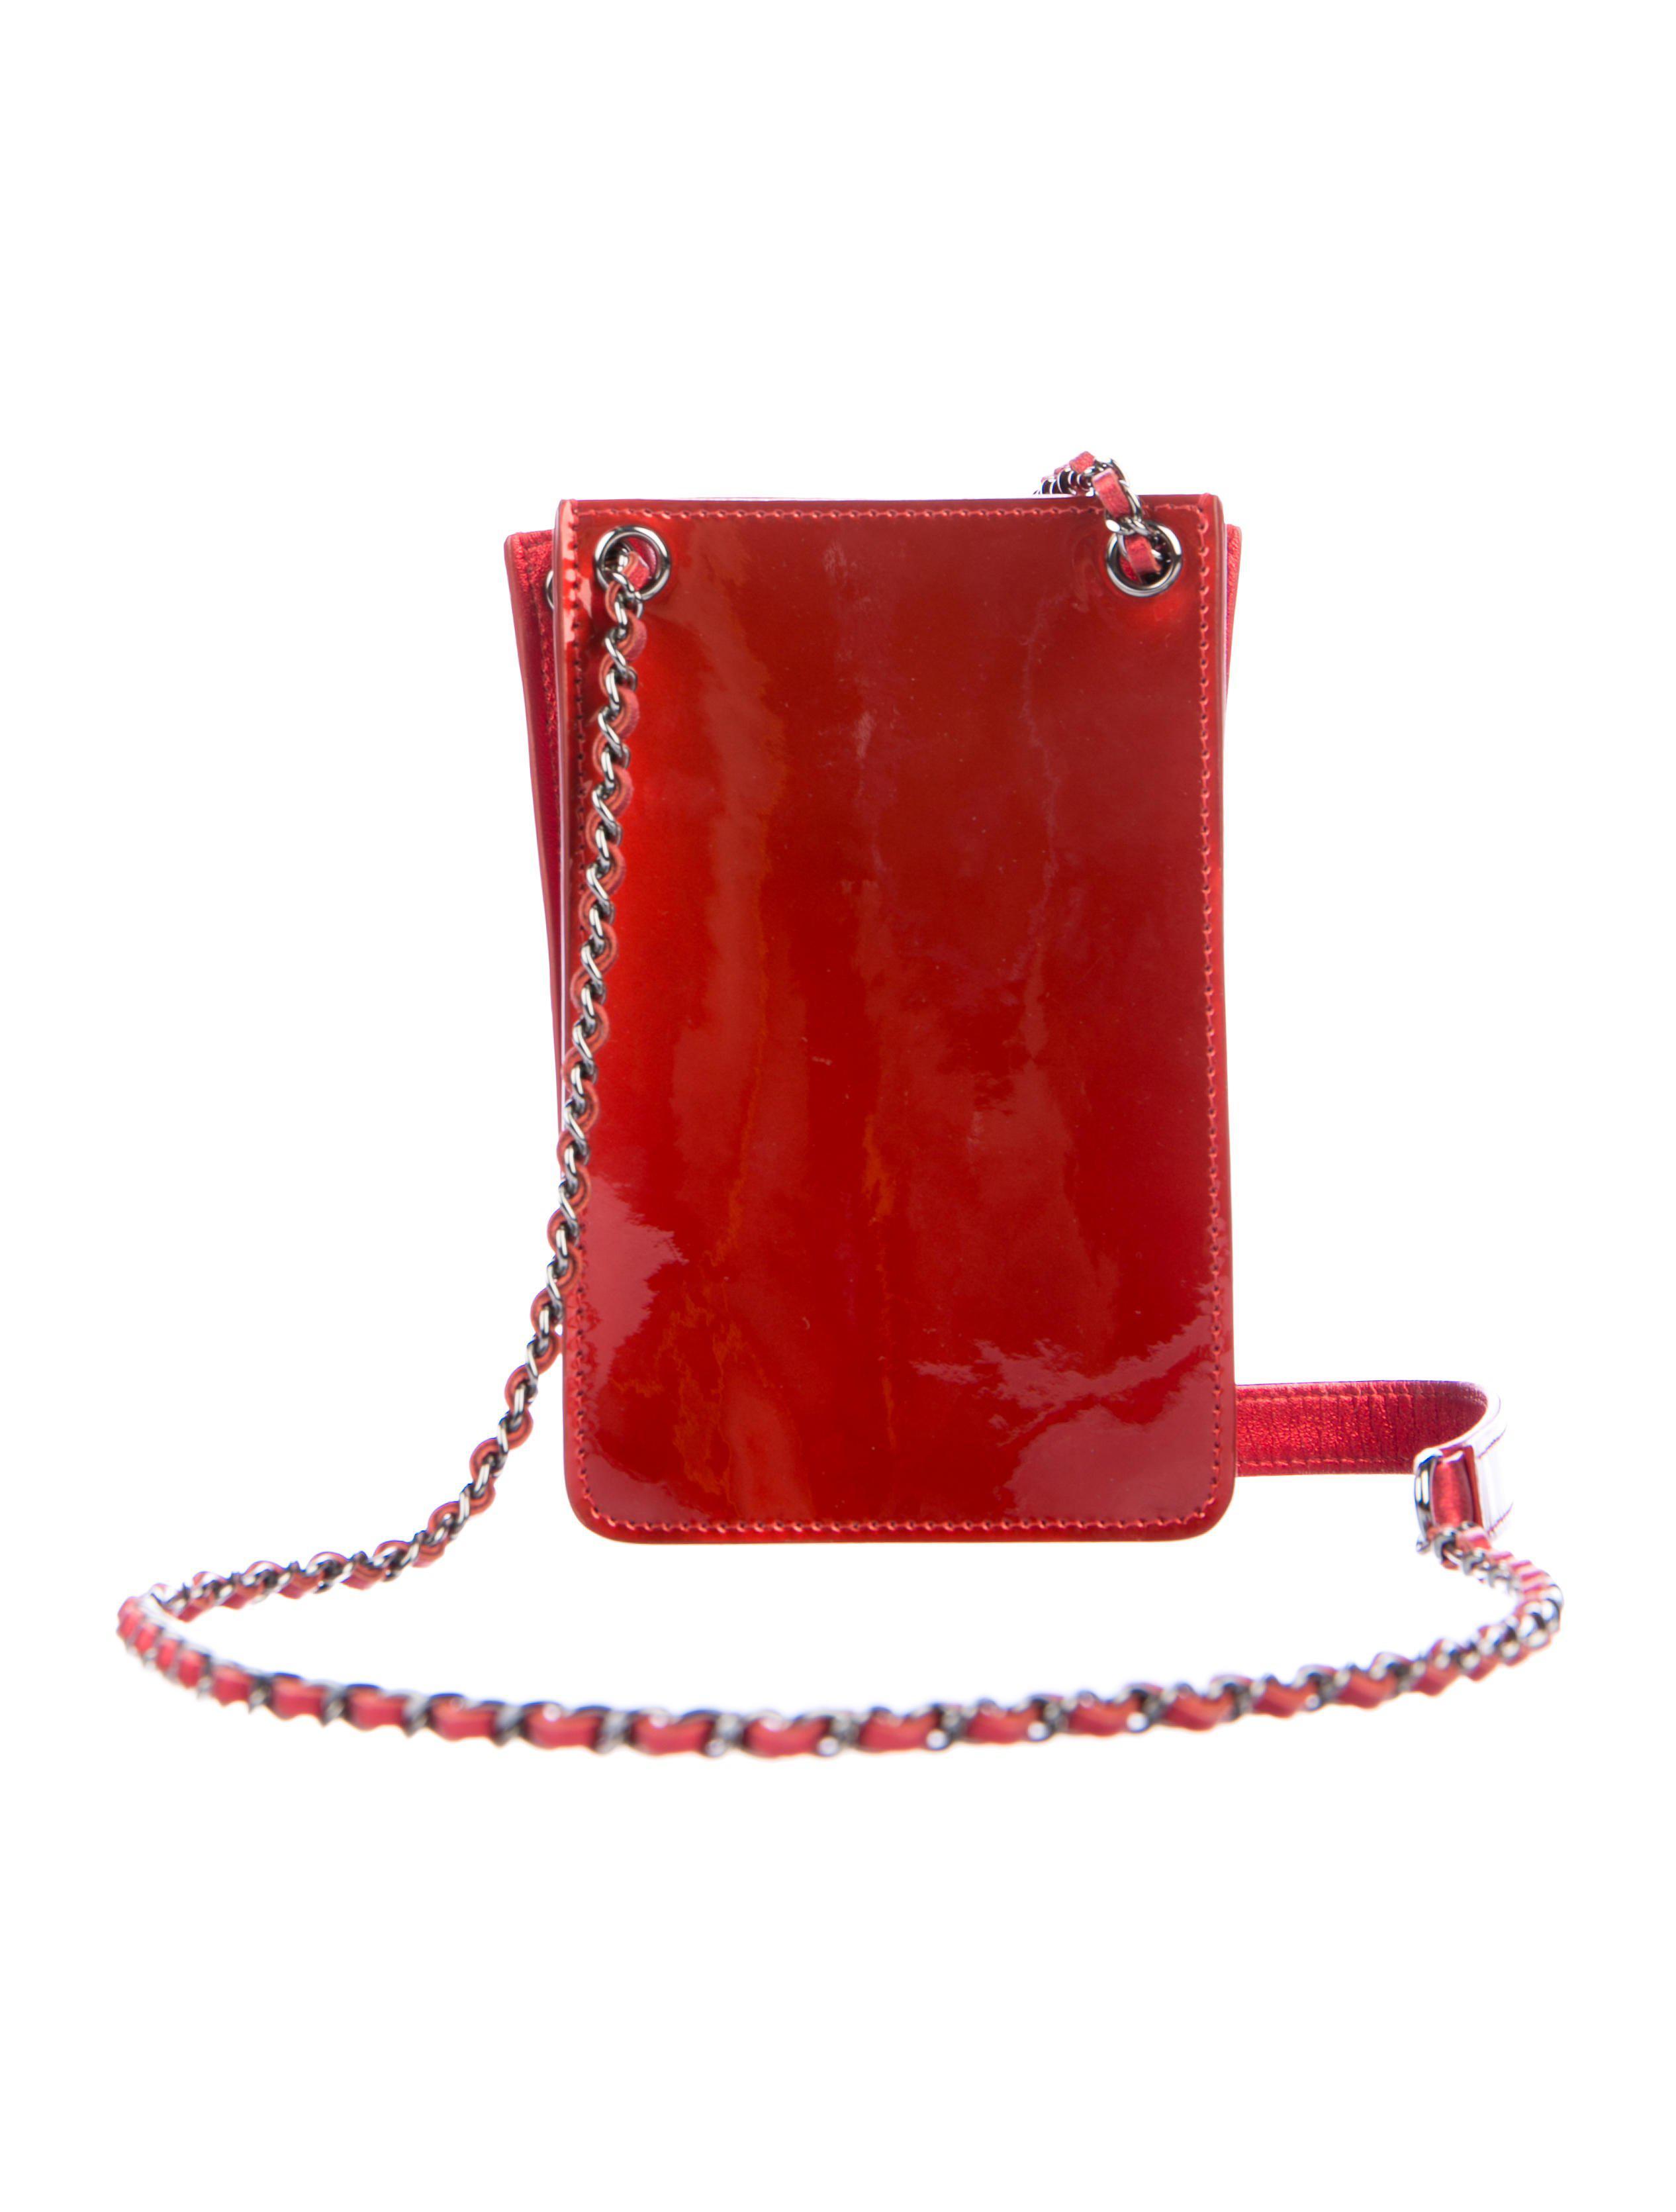 48a0f7146ef6 Lyst - Chanel Cc Crossbody Phone Holder in Red